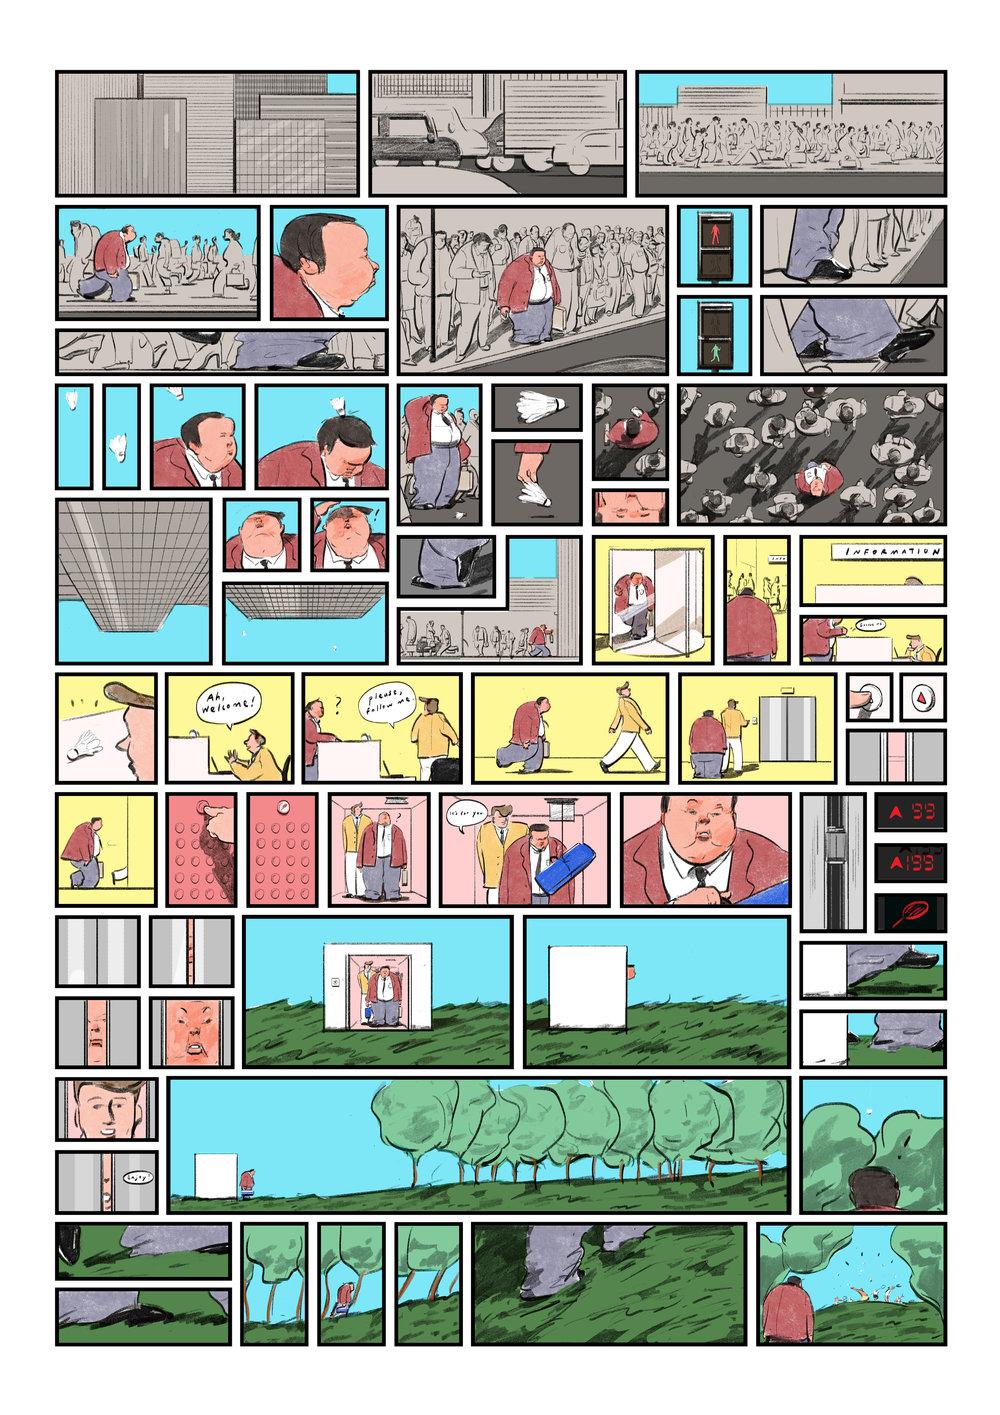 comic A4 1.jpg